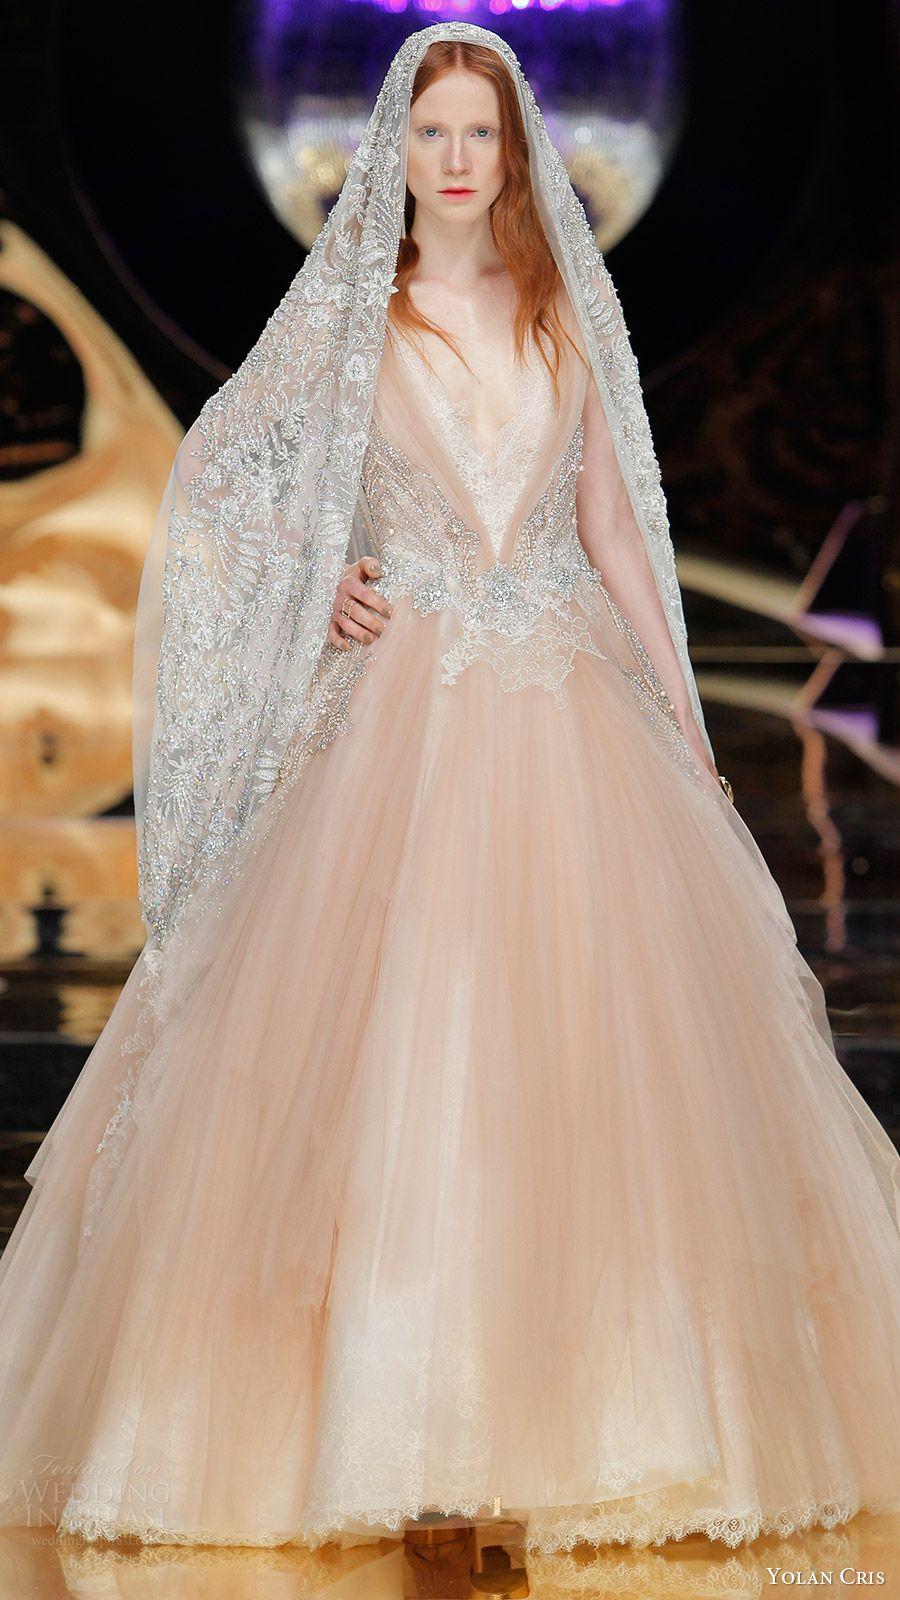 Yolan Cris Bridal 2017 Wedding Dresses | Menyasszonyi ruhák - színes ...